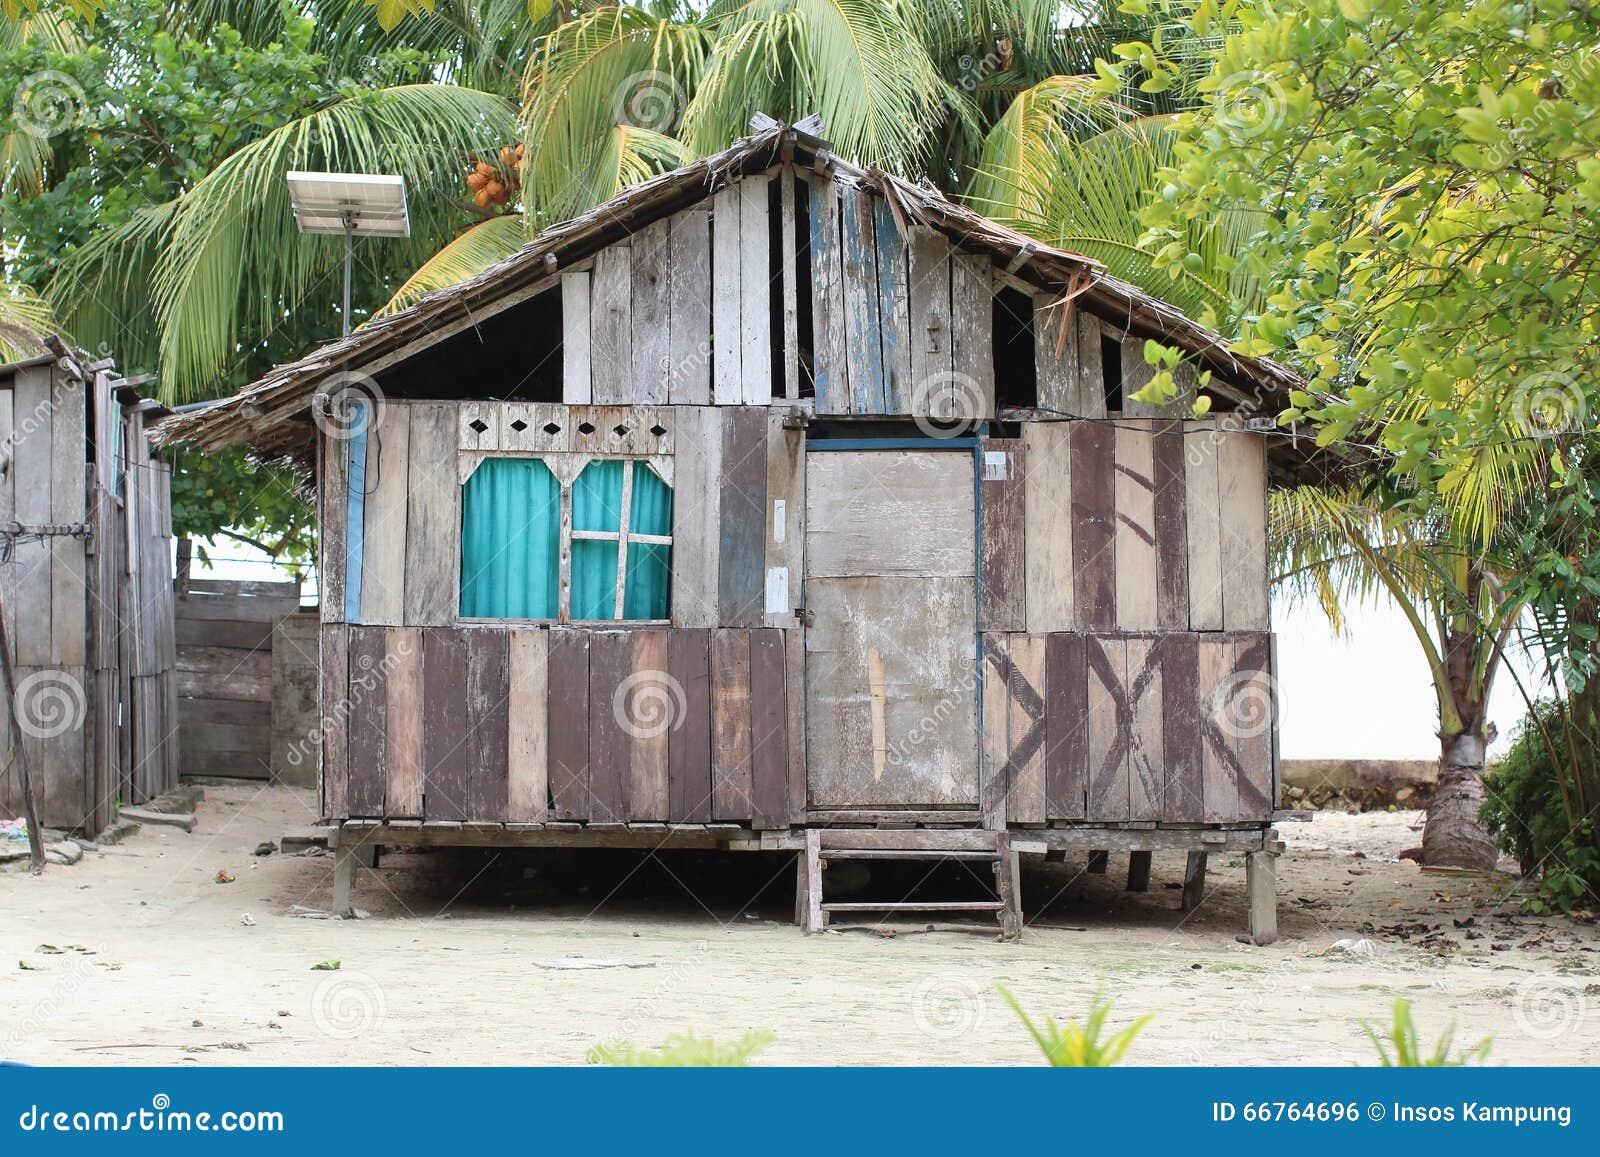 Pannello Solare A Sud Ovest : Povera casa con il pannello solare fotografia editoriale